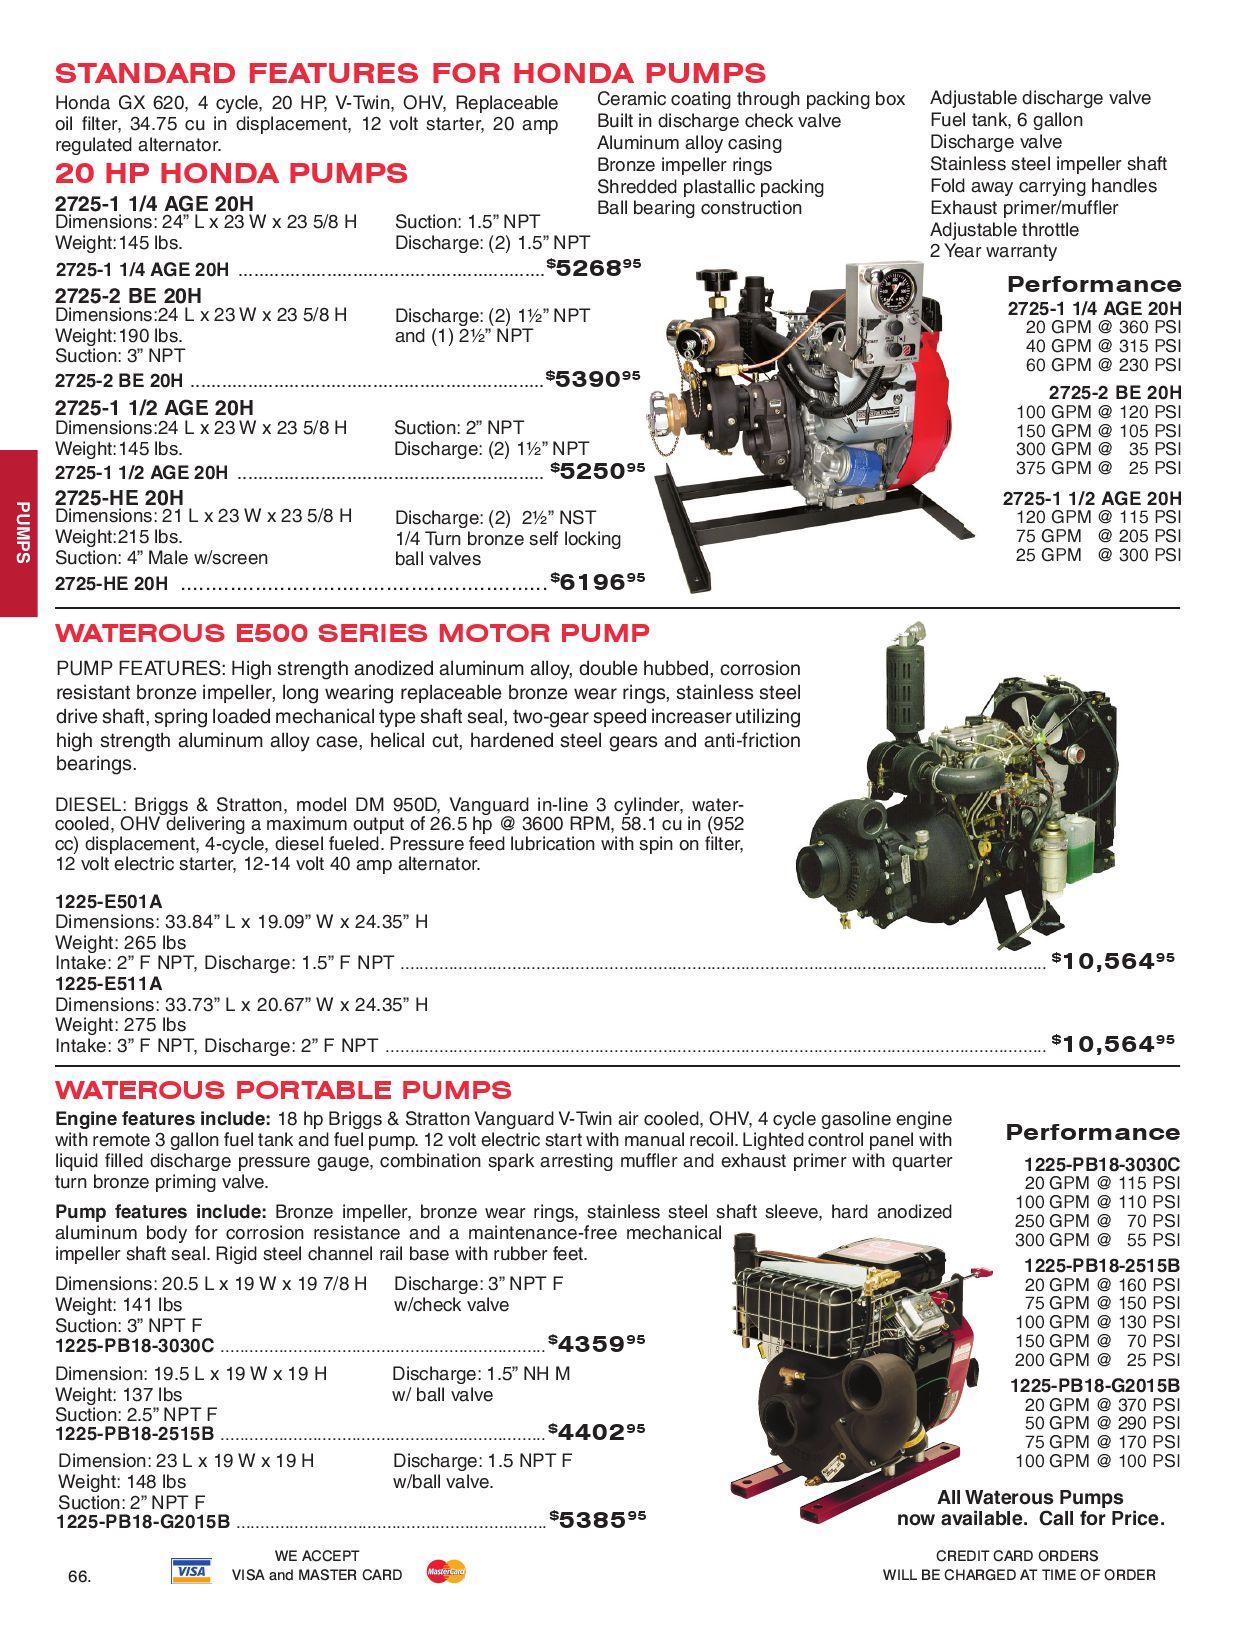 Heiman Fire Equipment 2010 Catalog by Heiman Fire Equipment - issuu